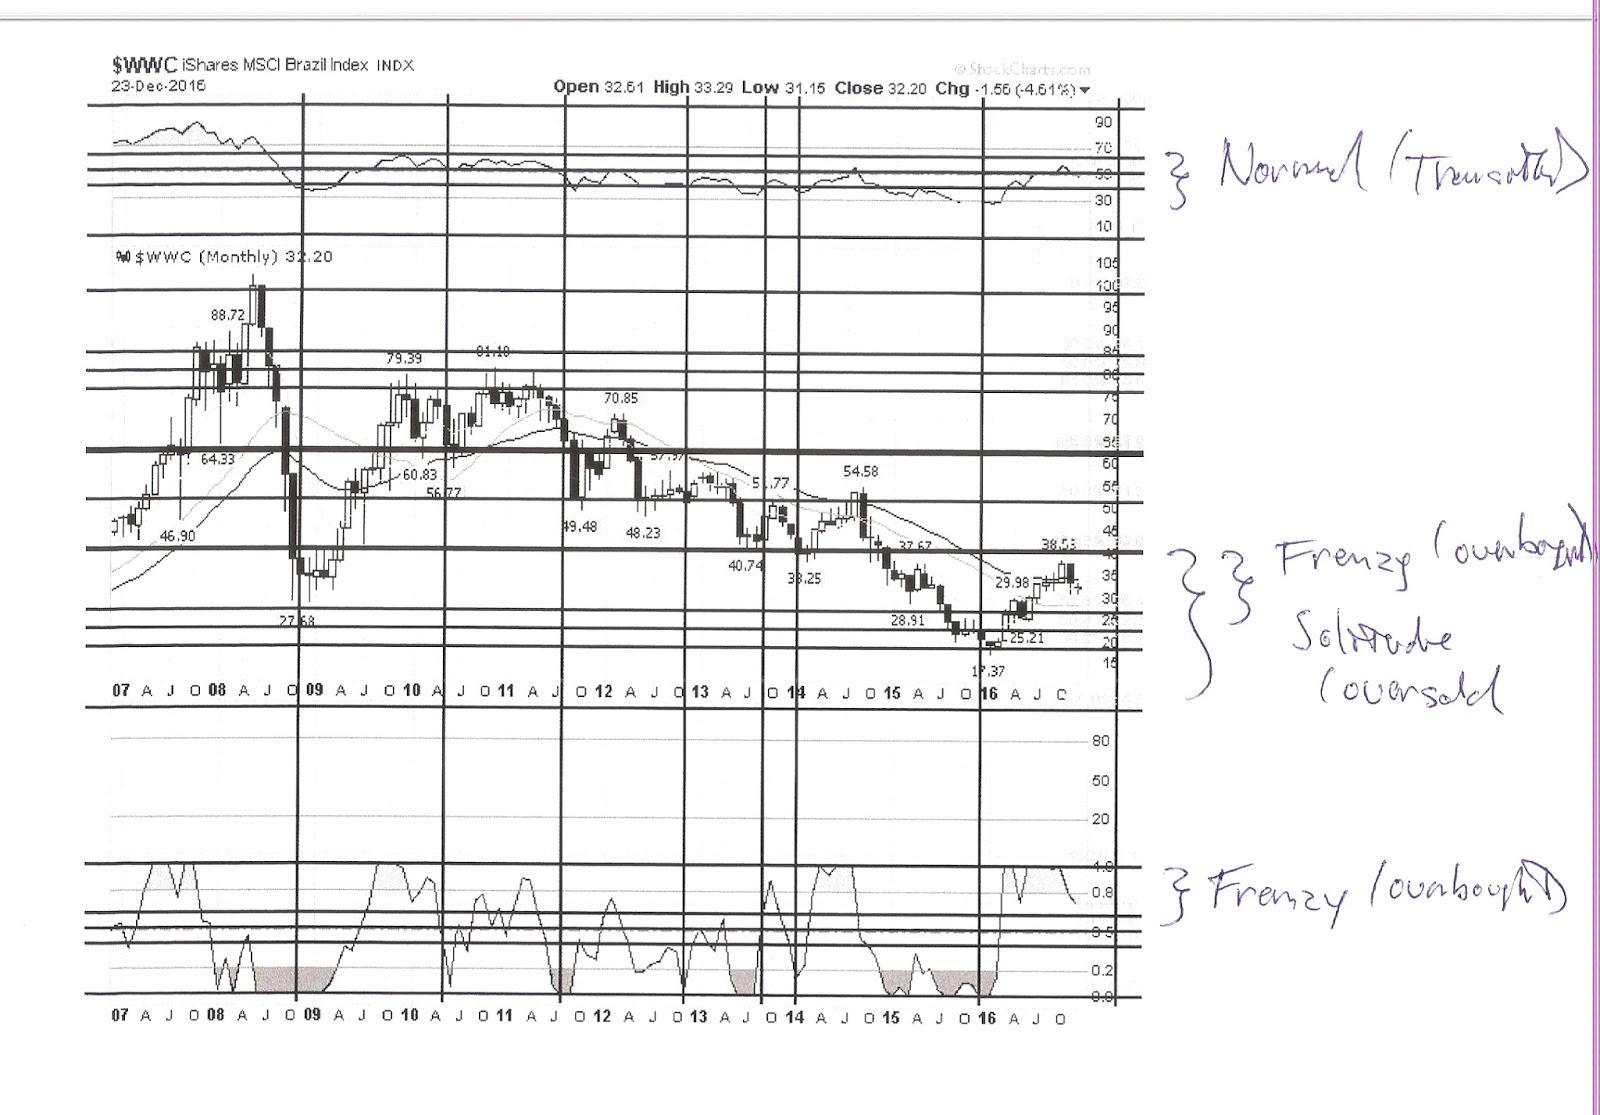 Stock Market Trends Online